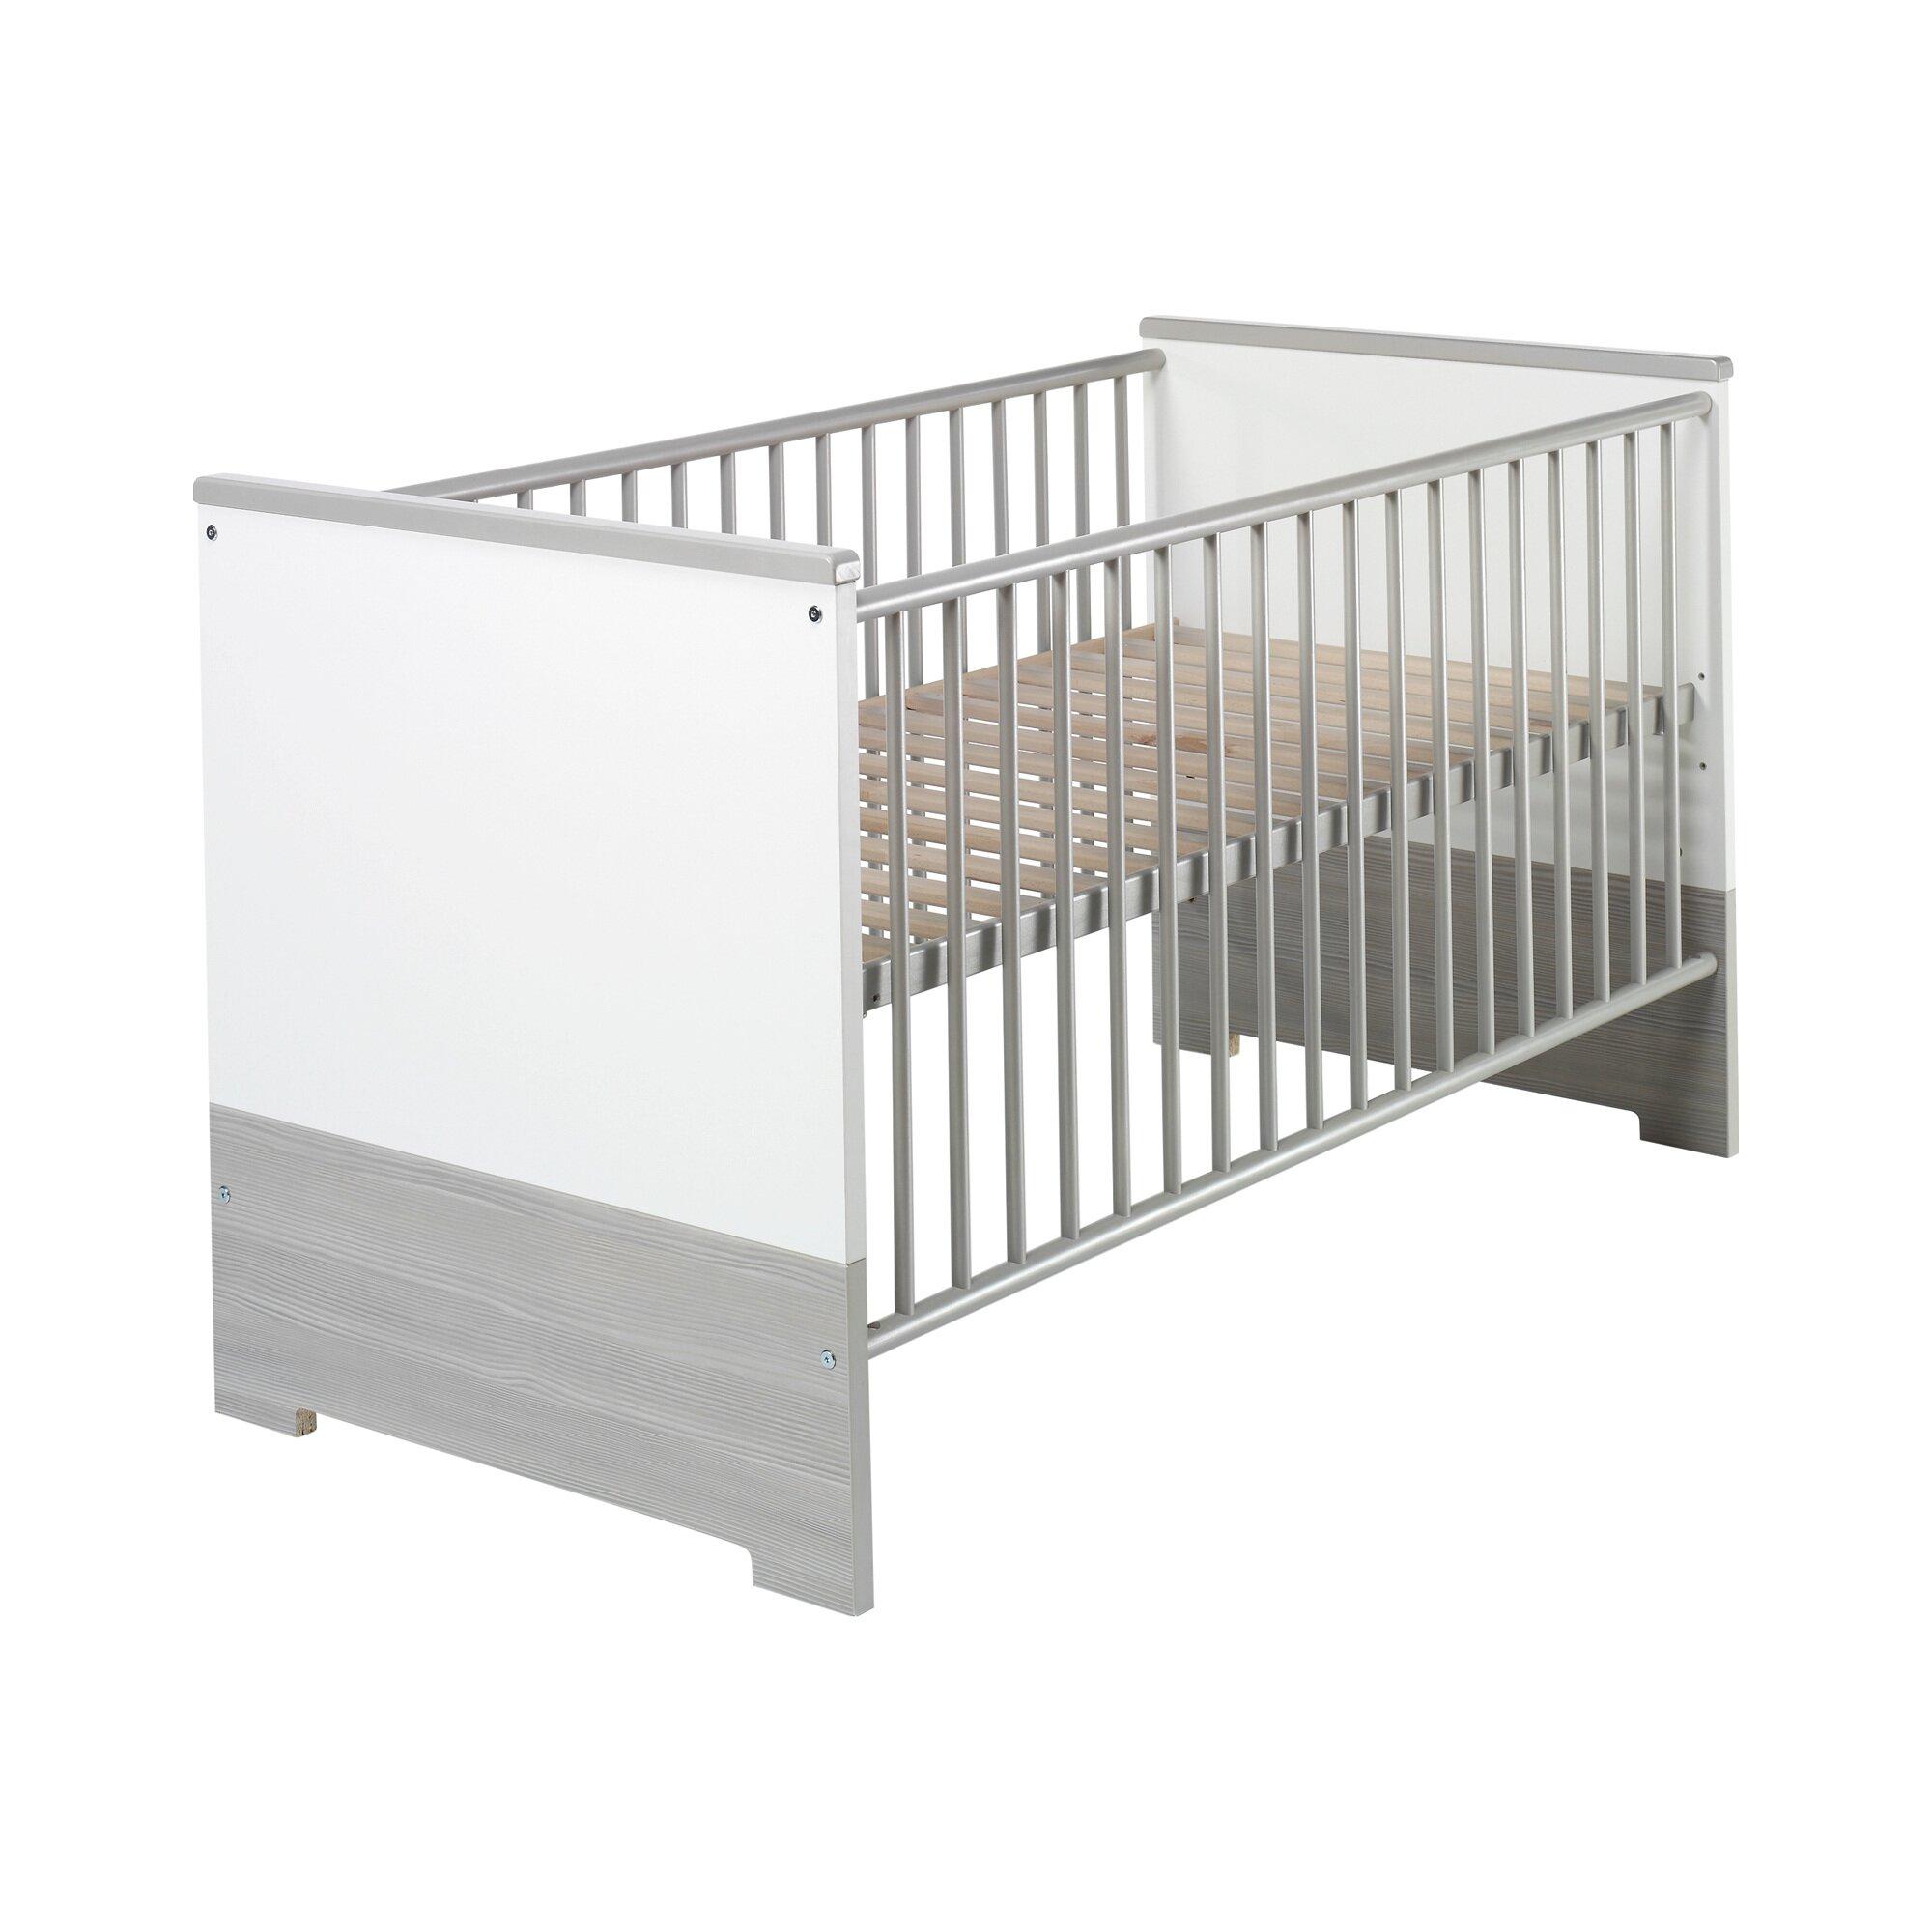 schardt-2-tlg-babyzimmer-eco-silber